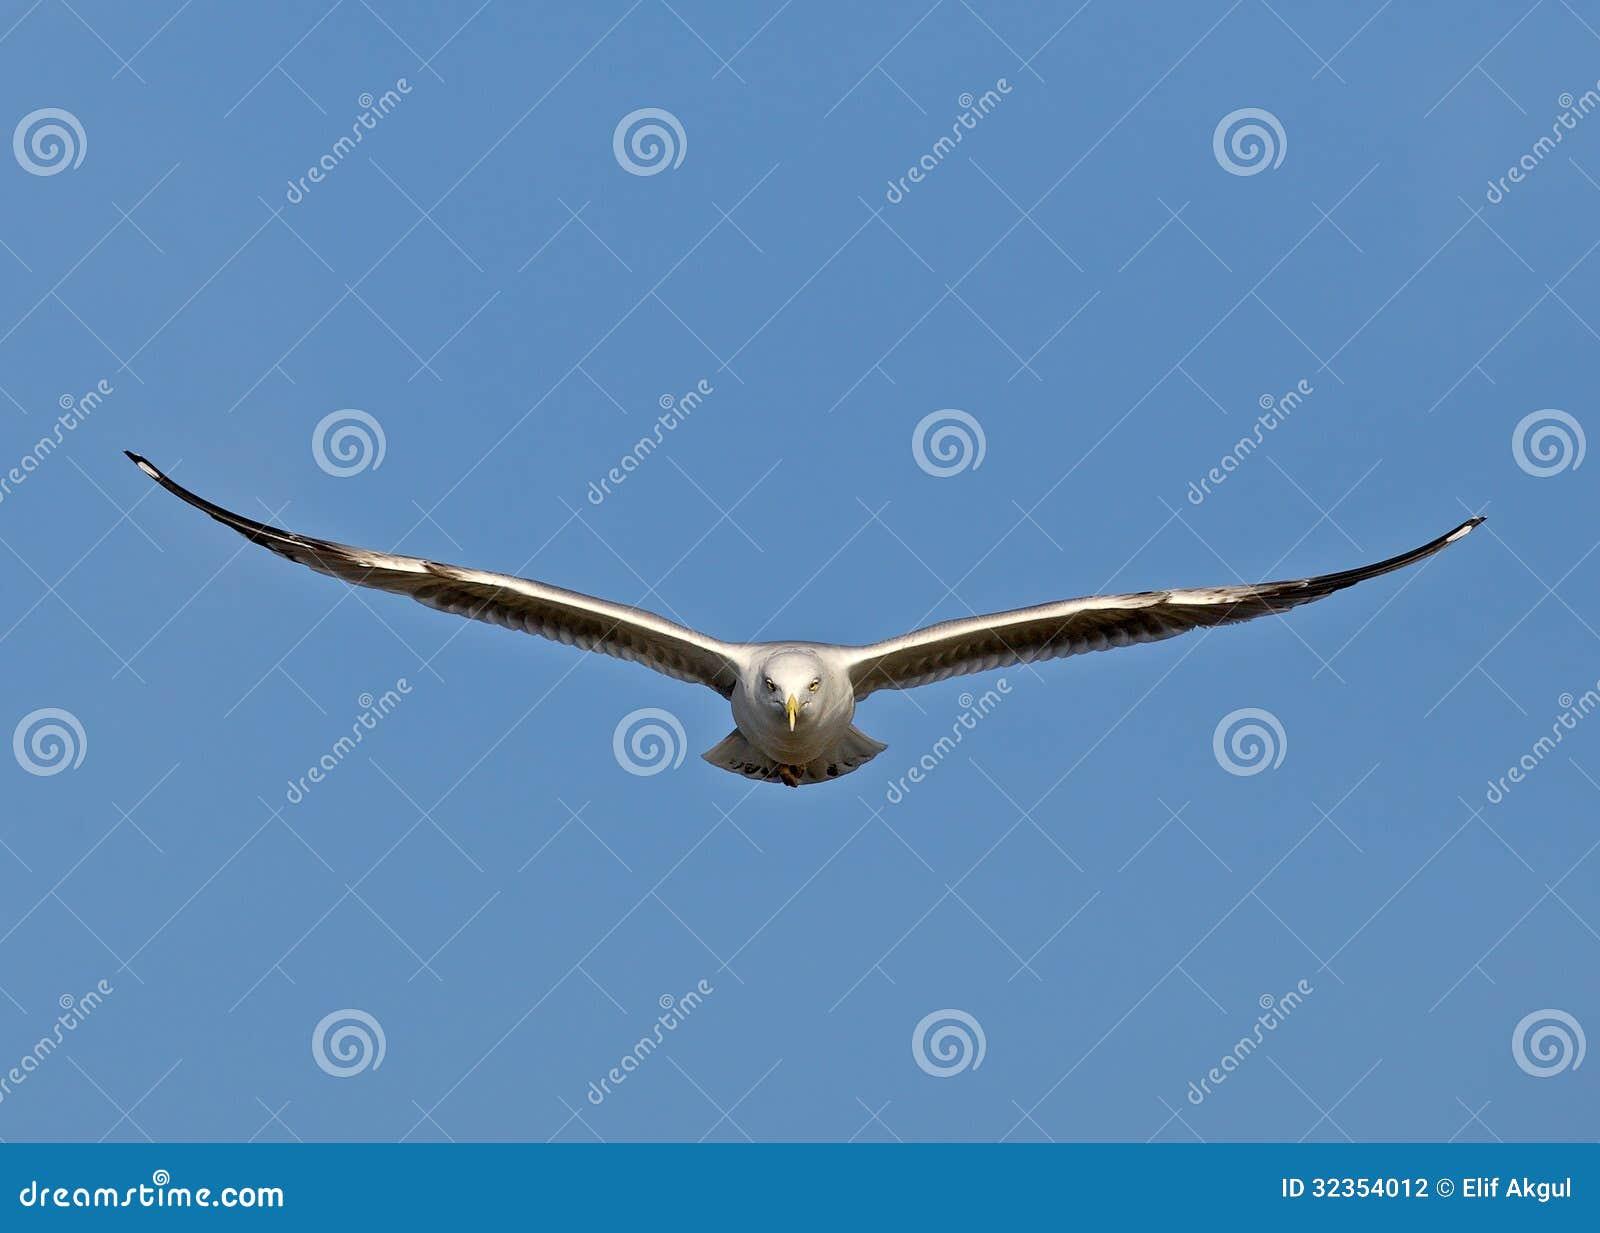 Stock Photography Flying Birds Bird Istanbul Turkey Bykekmece Image323...